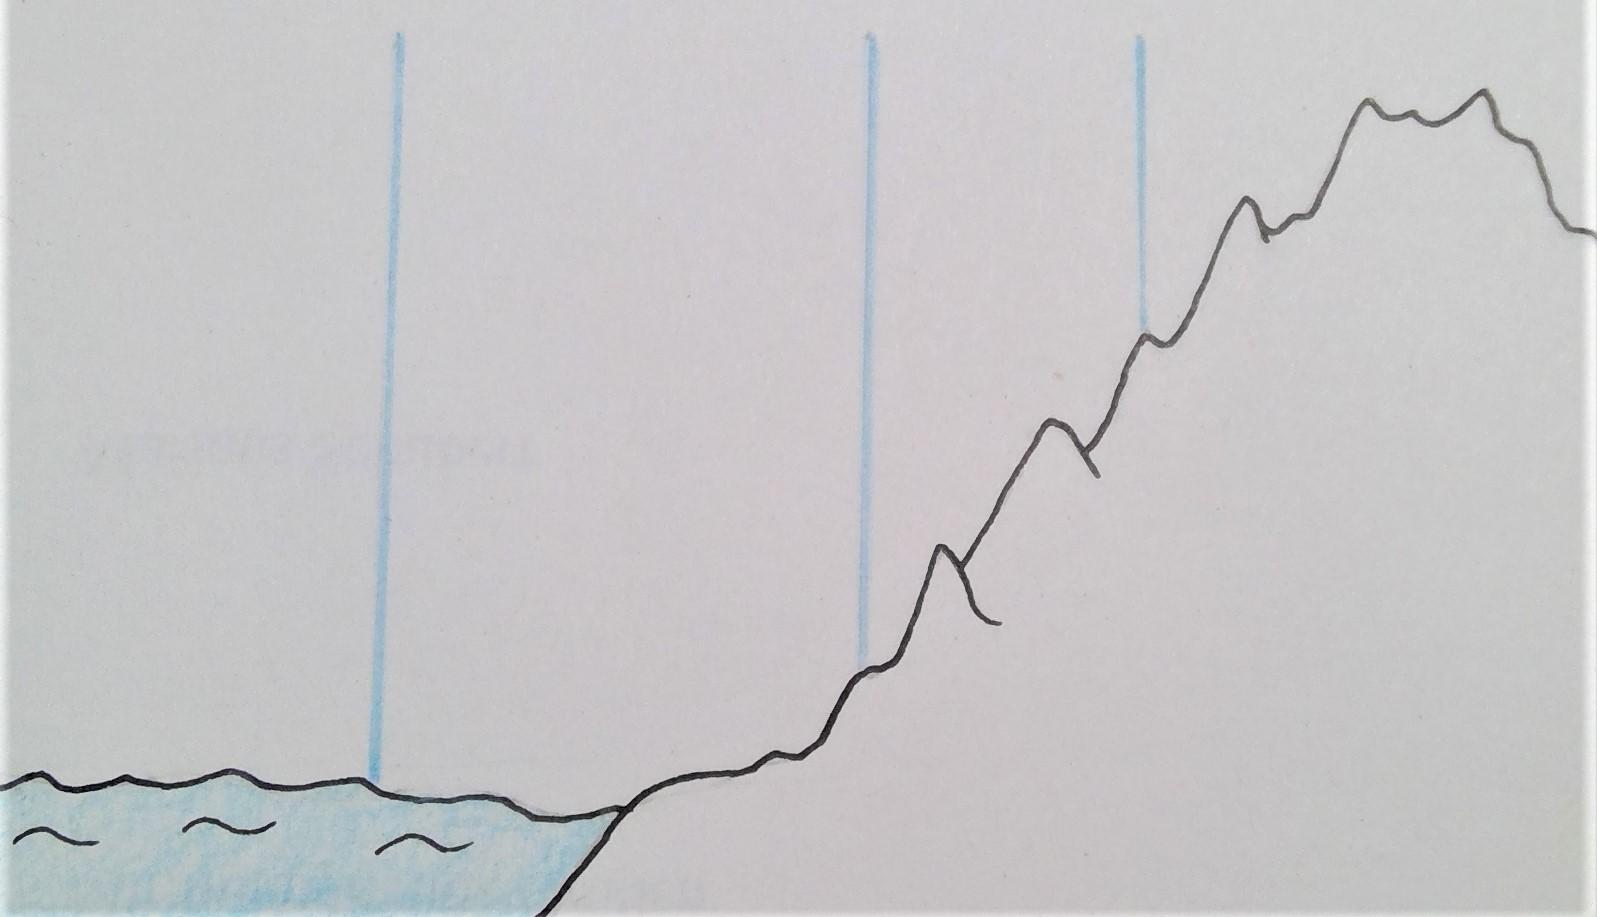 Die blauen Linien stellen jeweils eine Luftsäule dar. Man merkt, umso höher man kommt, desto kleiner ist die Luftsäule und damit auch das Gewicht das auf diesem Punkt lastet. Dementsprechend herrscht weiter oben weitaus niedrigerer Luftdruck als auf Höhe des Meeresspiegels.